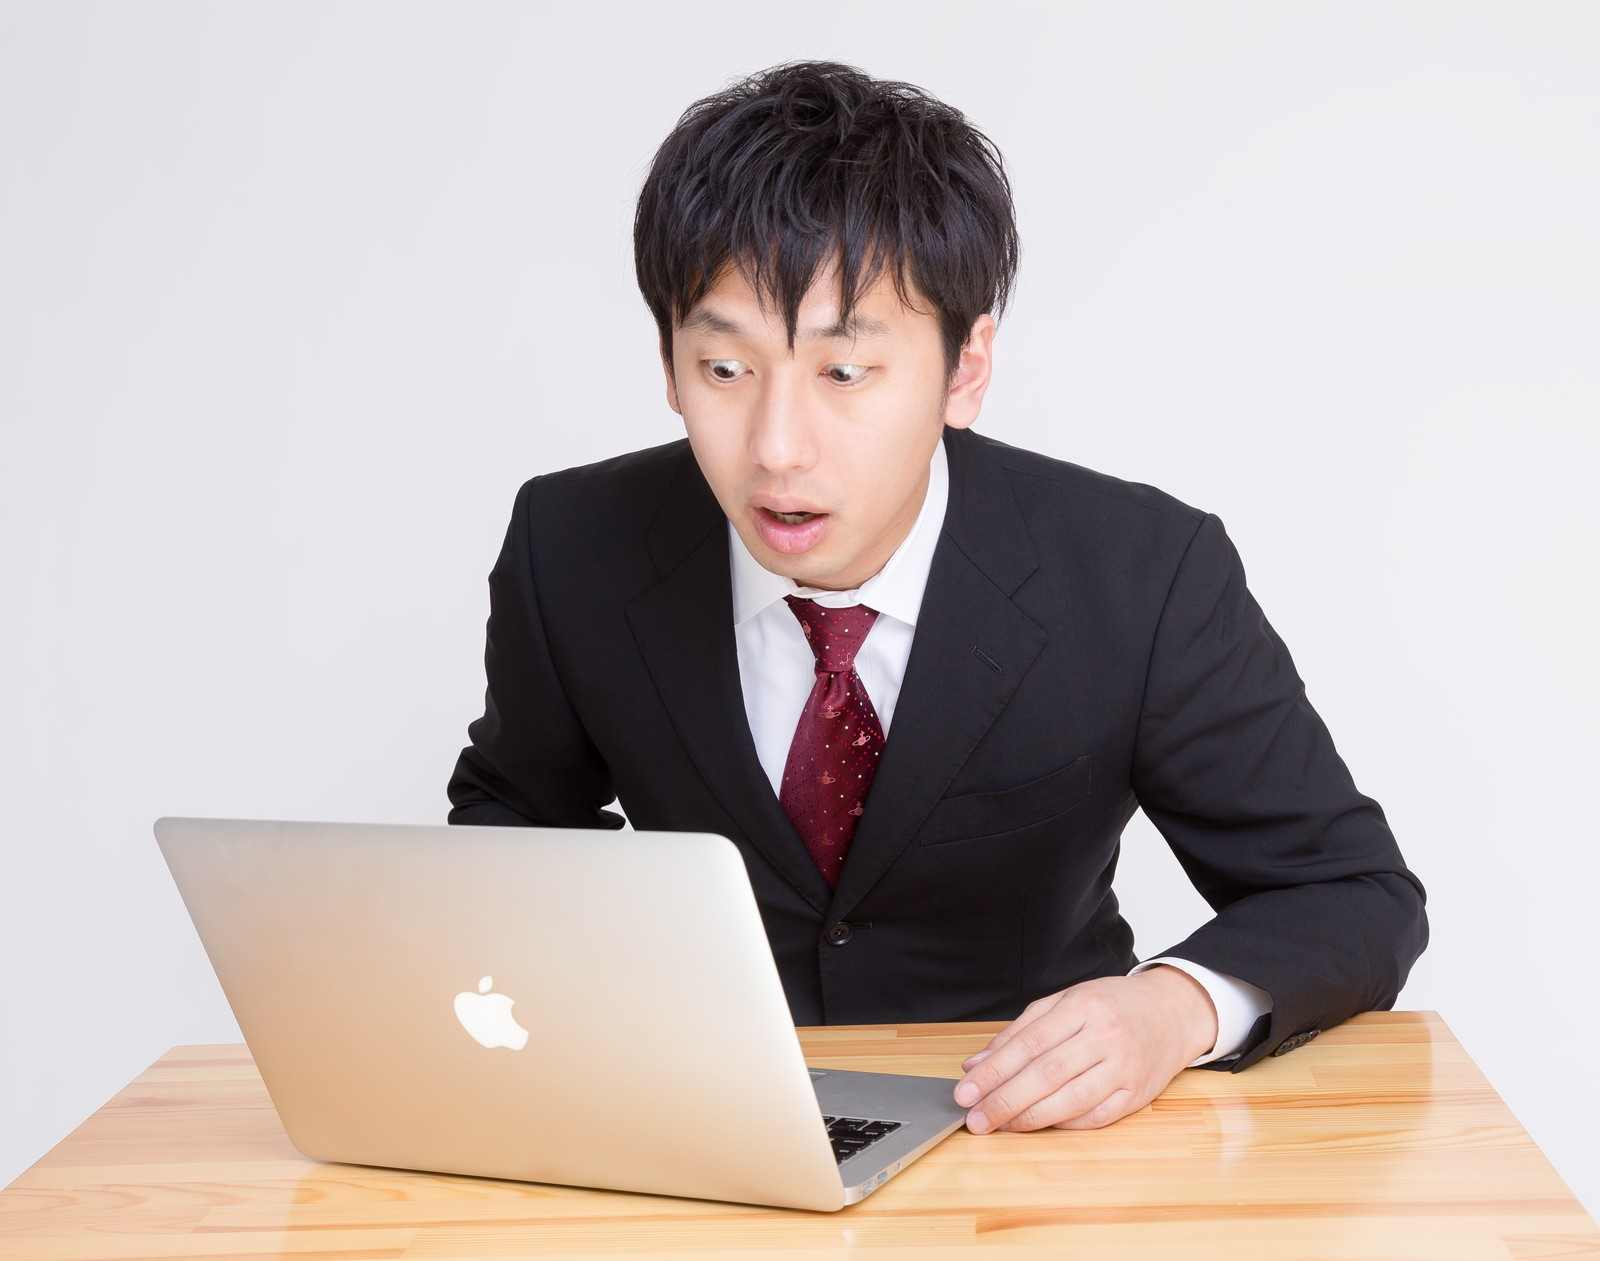 「PCを見て「ヤバいことになった」っと驚く表情のビジネスマンPCを見て「ヤバいことになった」っと驚く表情のビジネスマン」[モデル:大川竜弥]のフリー写真素材